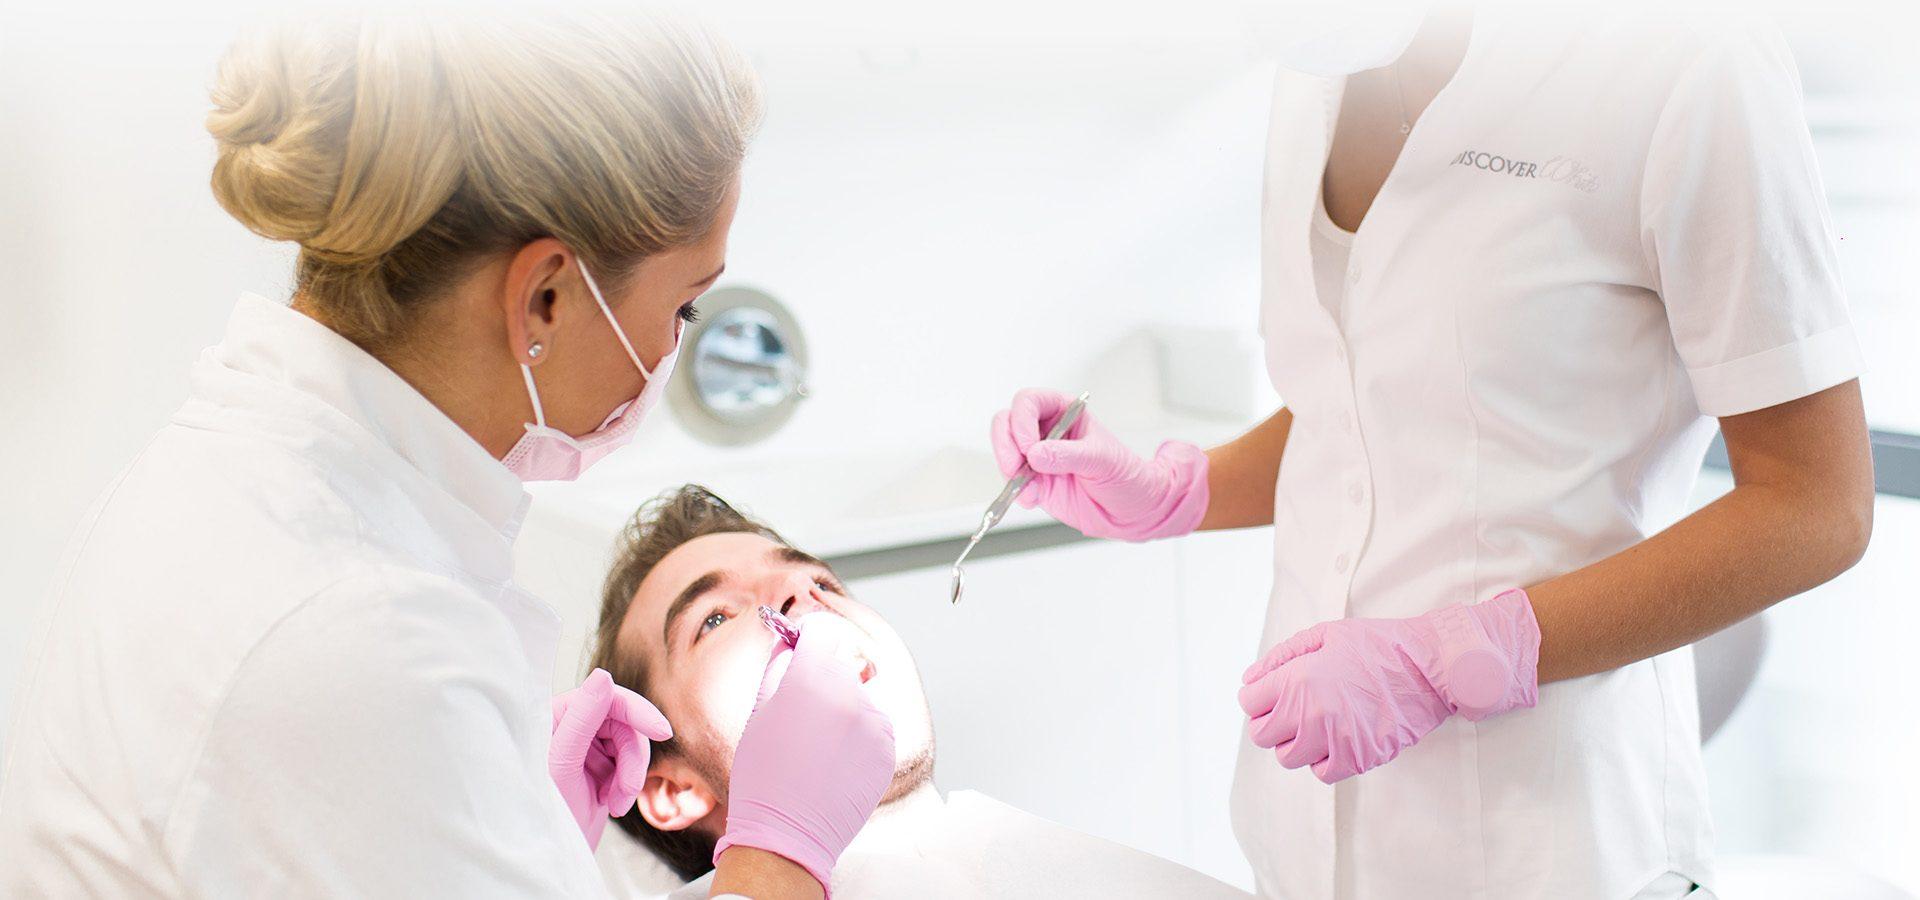 Moderne Parodontose-Behandlung in Düsseldorf mit Discover White